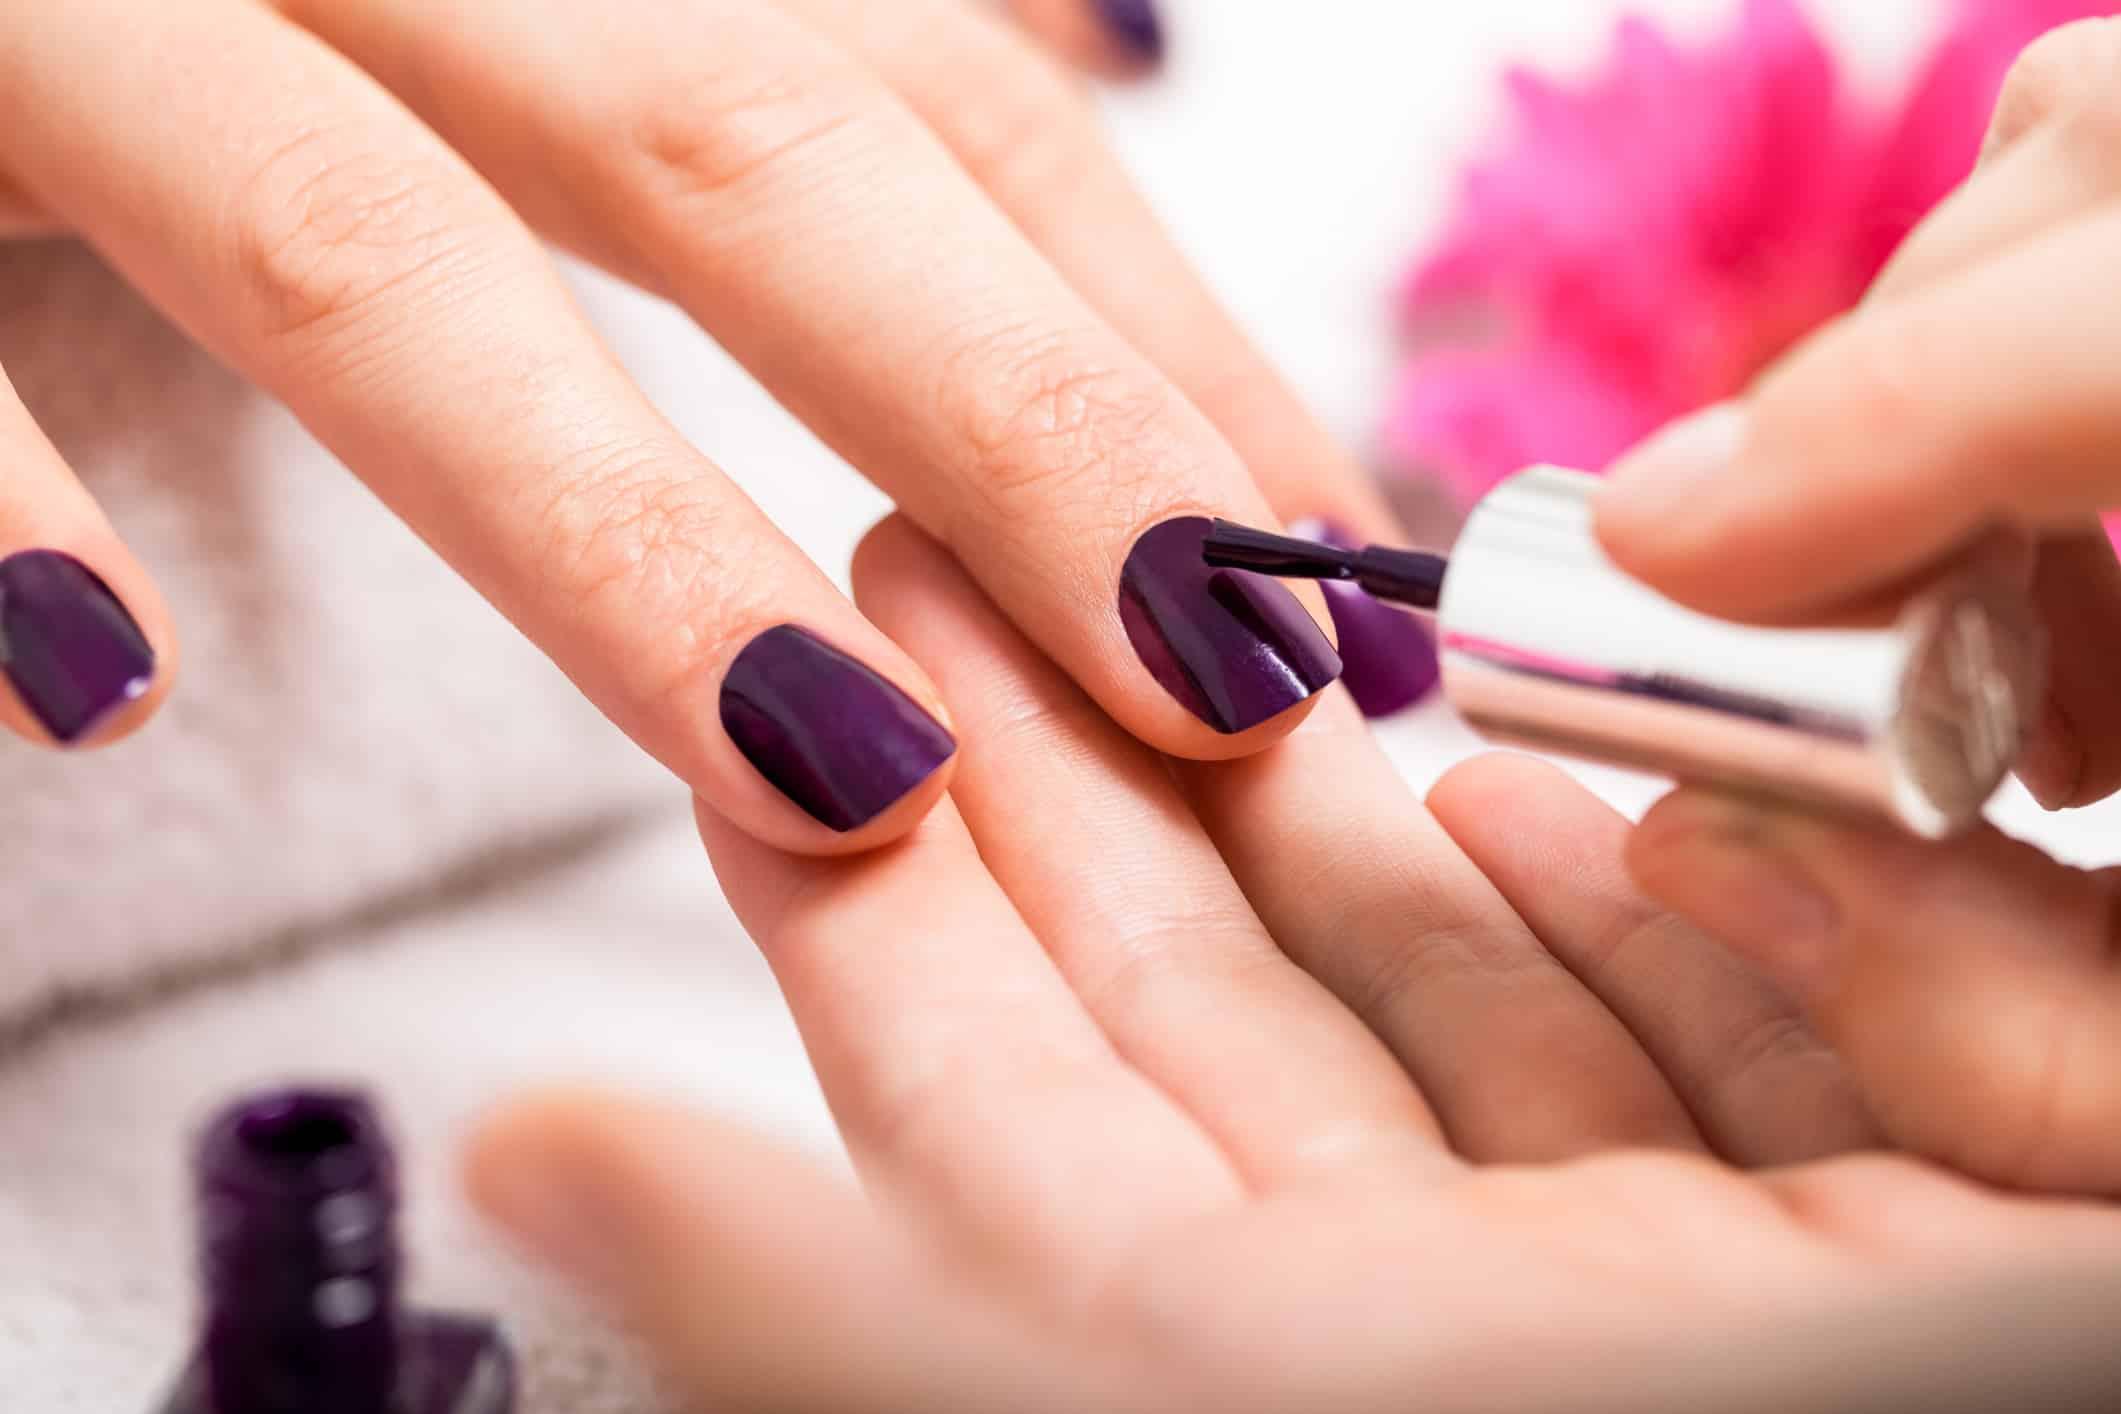 الطرق الصحيحة لطلاء الاظافر كصالونات التجميل جامدة